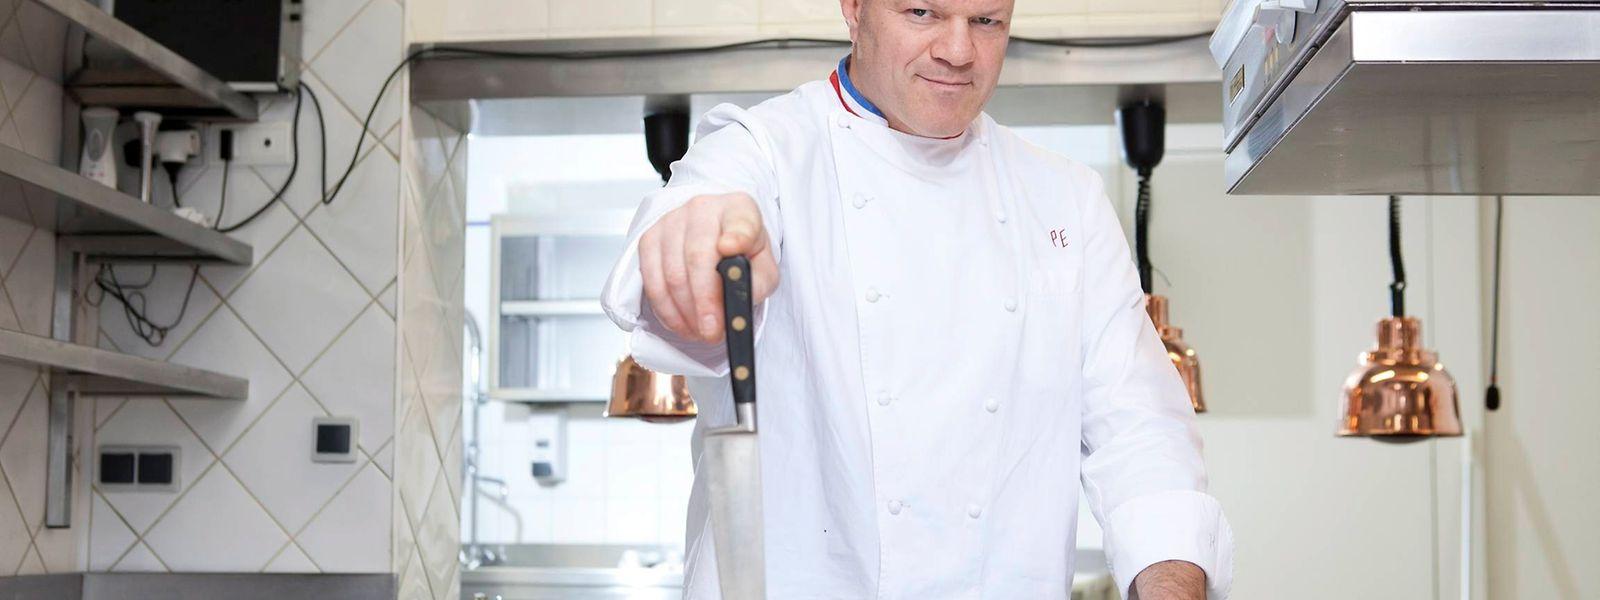 Chef de très haut niveau, Philippe Etchebest ne ménage pas les équipes en cuisine, ni en salle.